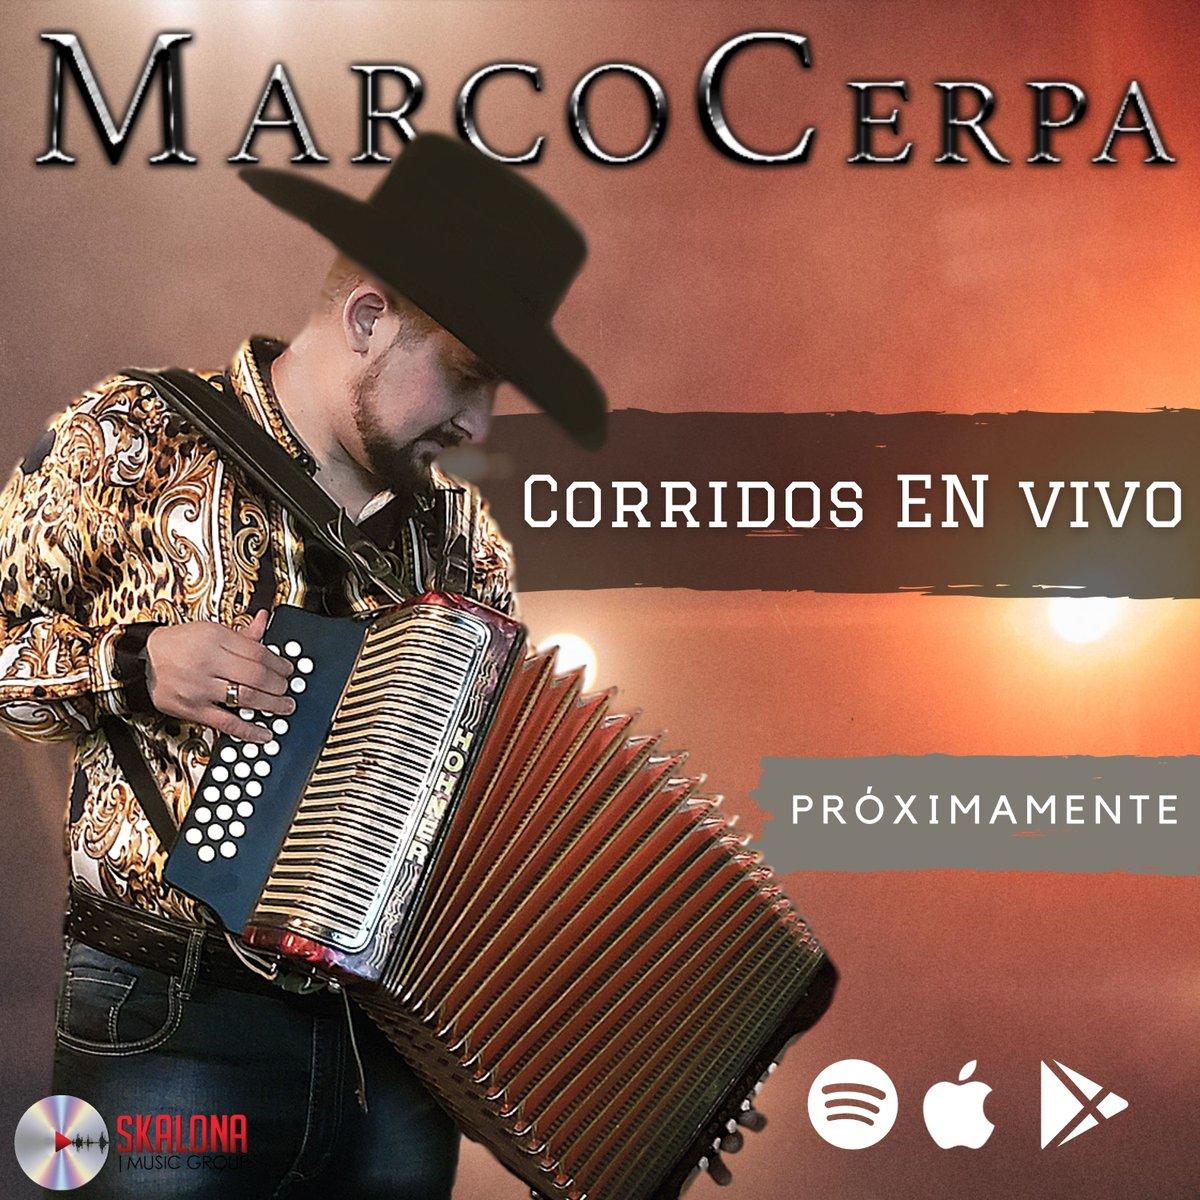 ¡Muy pronto los Corridos En Vivo de @marcocerpa8  estarán disponiobles en todas las plataformas! 🔥🎶 #Spotify #deezer #AppleMusic ¡De Jalisco pa'l mundo! 🤠🤠🤠 https://t.co/haEUd8t1LO